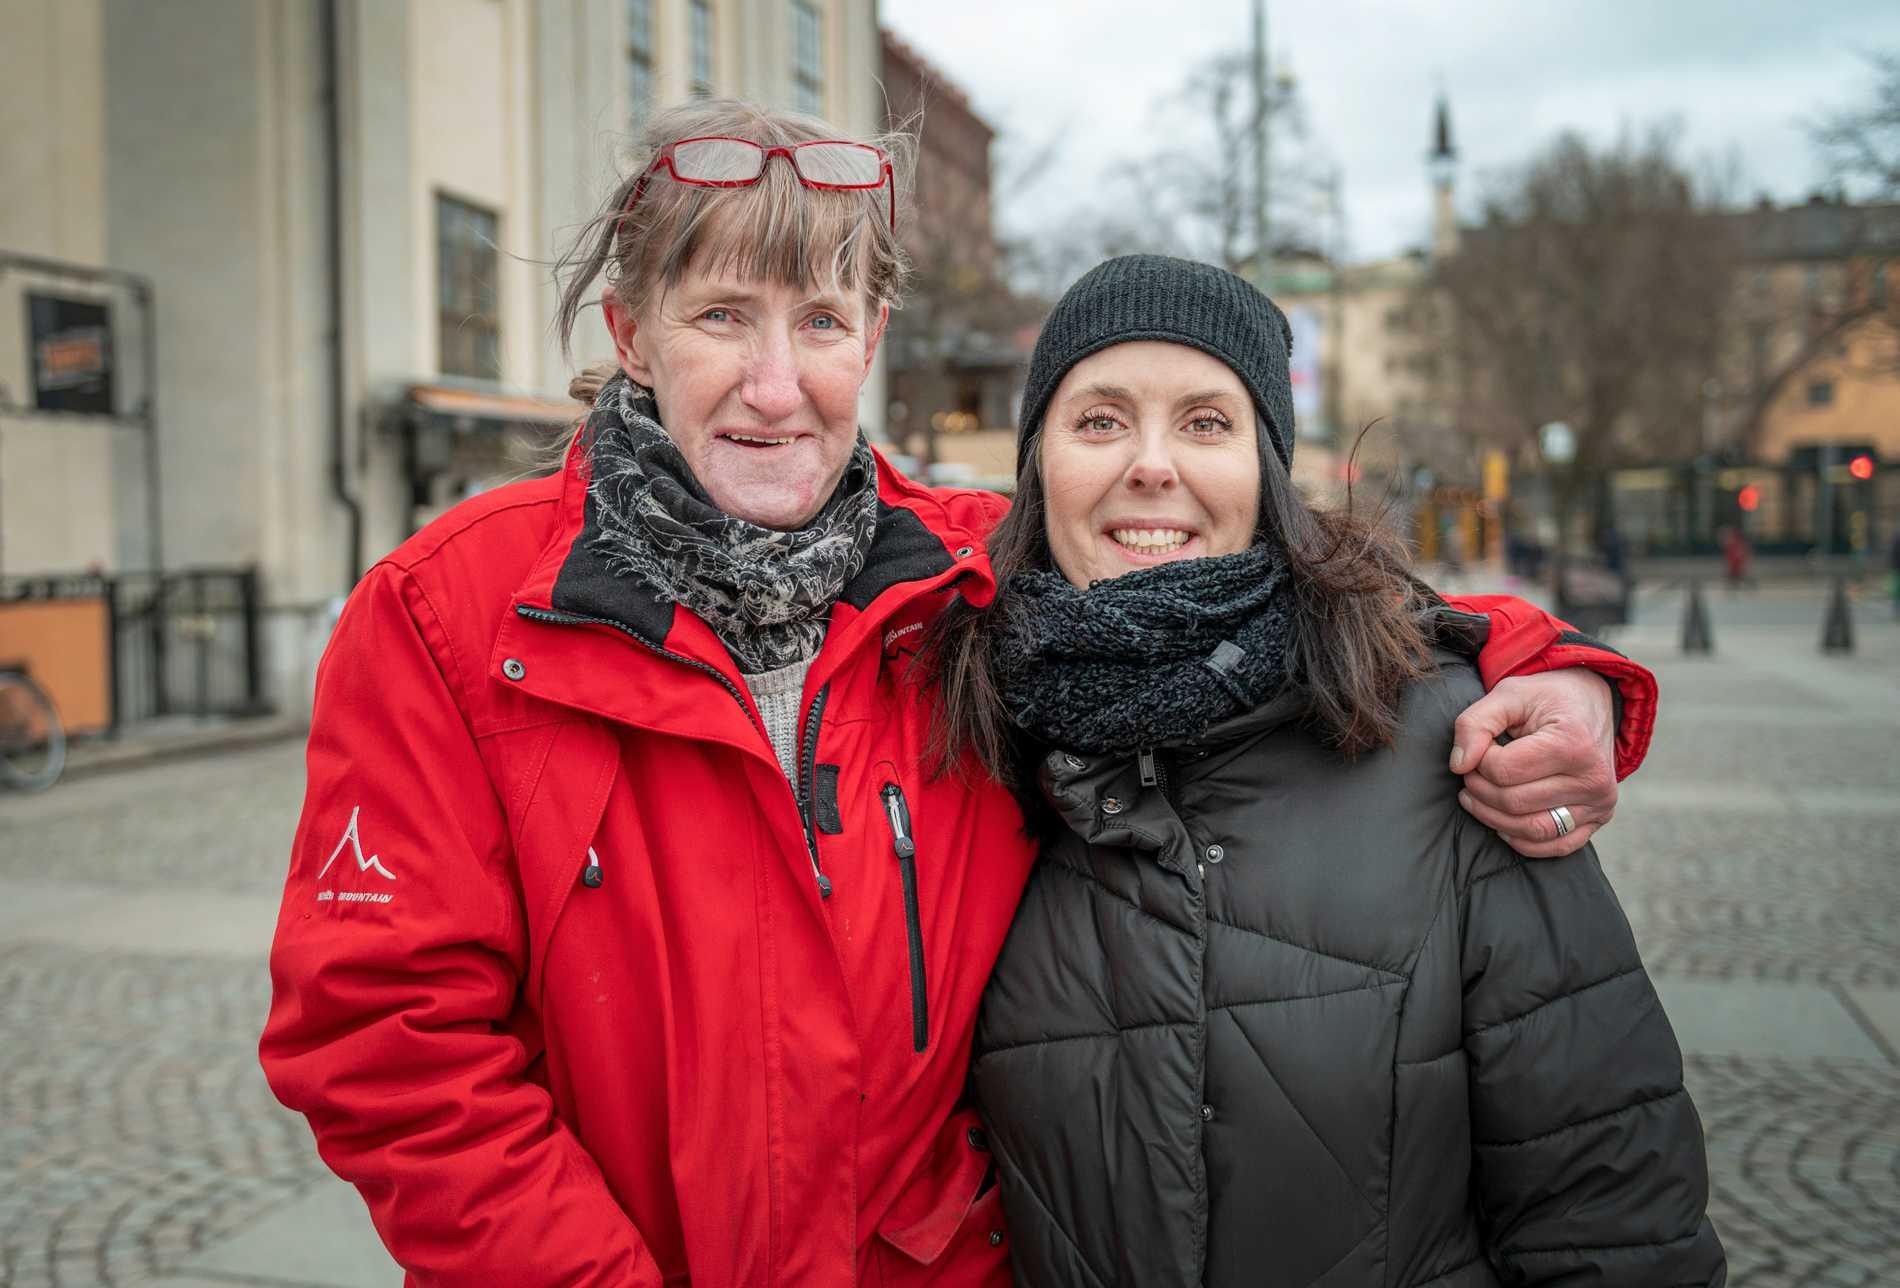 Lotta Forsman och Nettan Göthlin lärde känna varandra under ett soppkök när Lotta var hemlös.